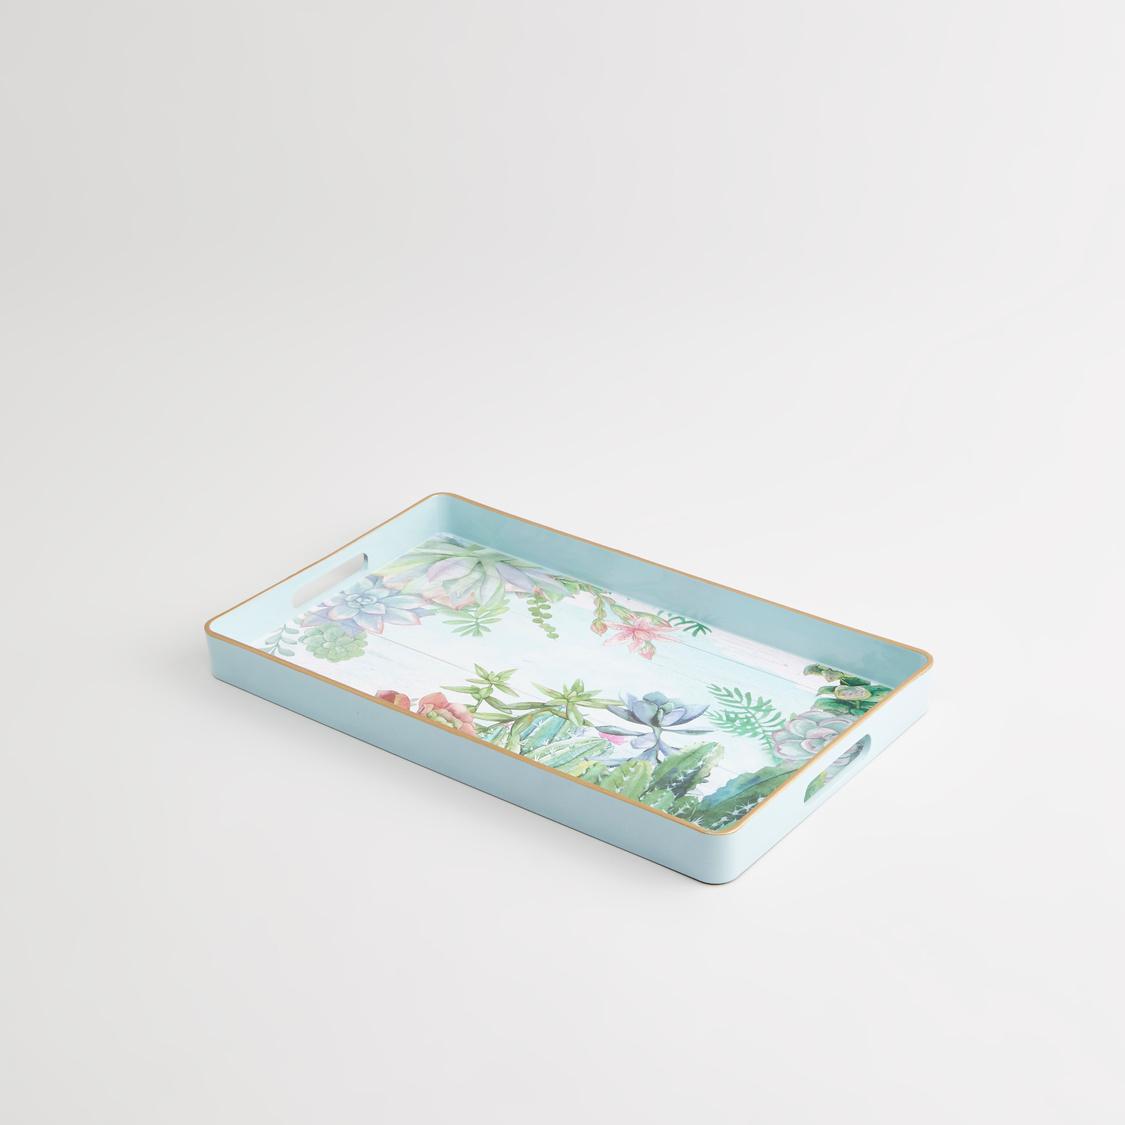 صينية تقديم مستطيلة بطبعات زهرية - 40x24x4 سم